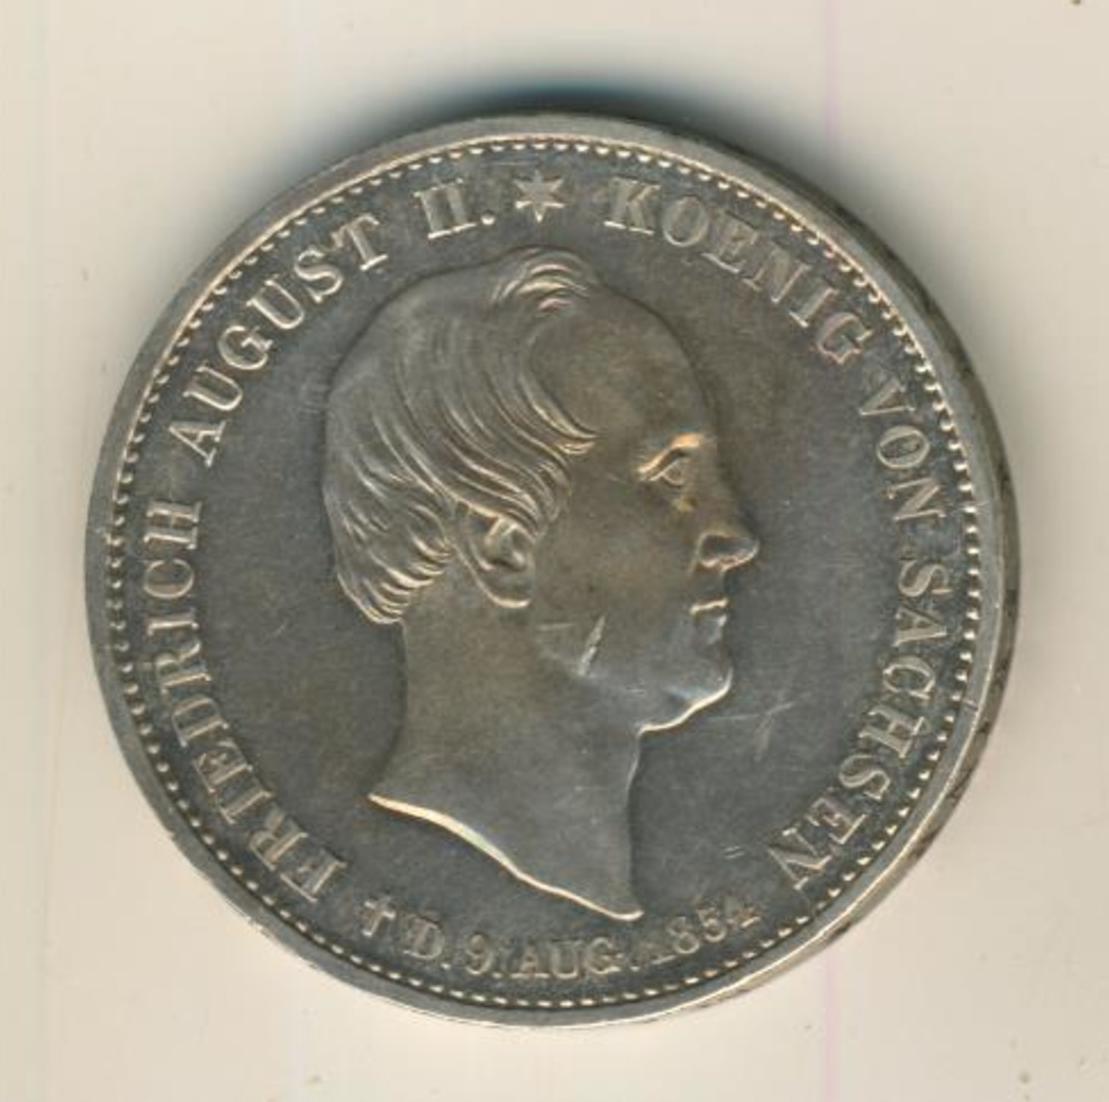 Sachsen 1854 Ausbeutetaler Tod des Königs Friedrich August II., Silber (20) 1